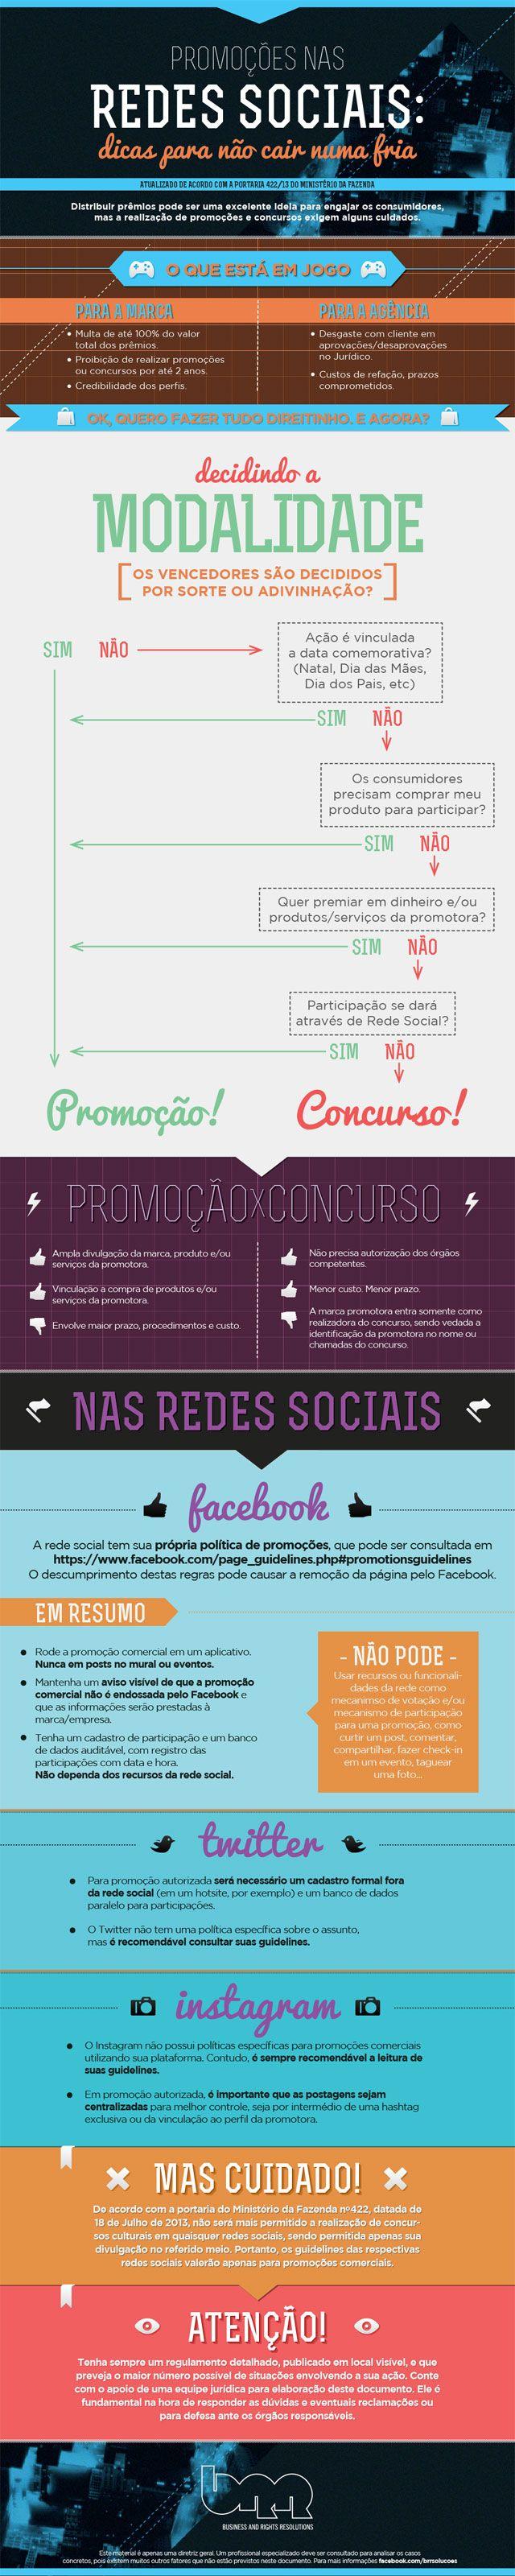 Promoção x Concurso nas #redessociais - O que pode e o que não pode? #infographic